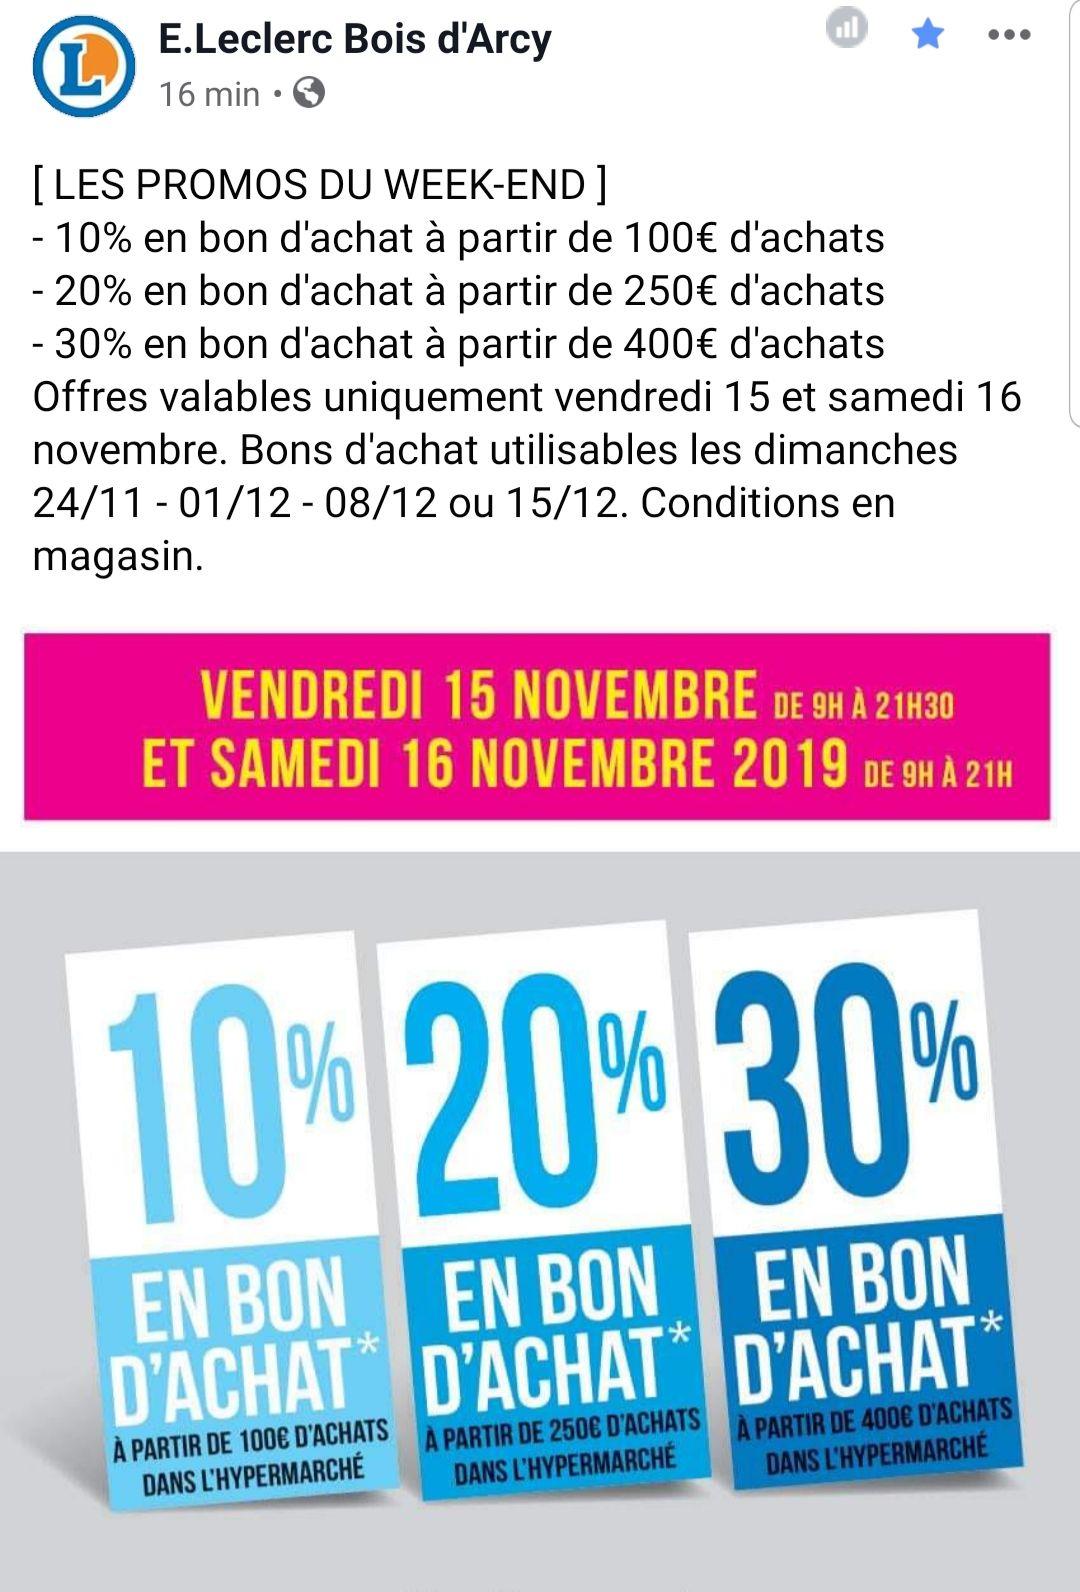 10% remboursés en bon d'achat dès 100€ d'achat, 20% dès 250€ d'achat et 30% dès 400€ d'achat - Bois-d'Arcy (78)